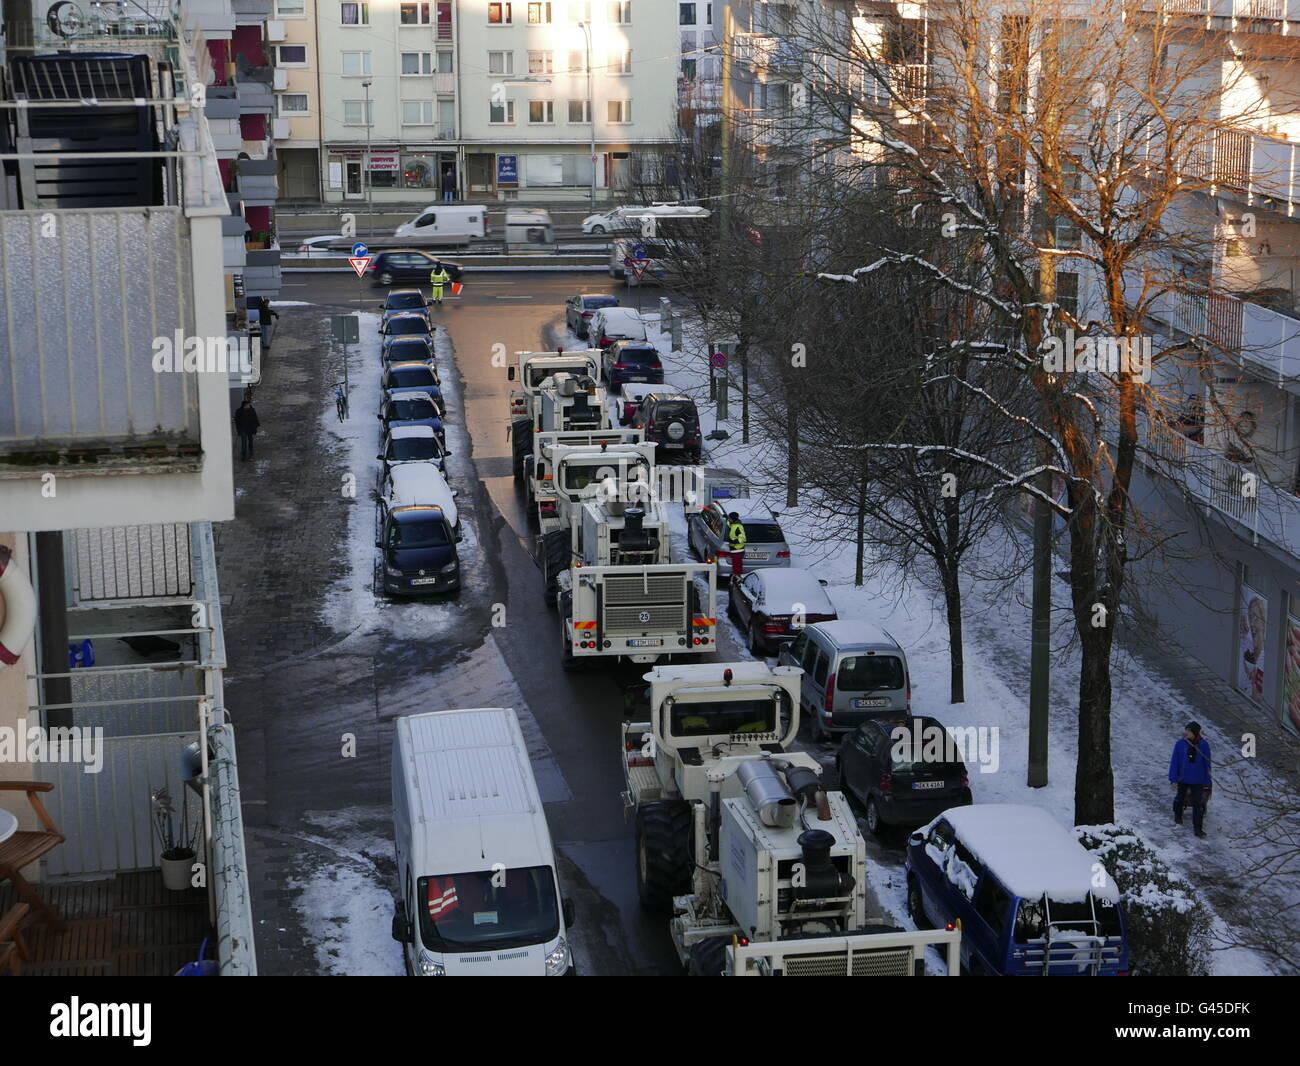 Europa Alemania Munich Geo Vibro Thermie Sismología mediciones sísmicas Imagen De Stock